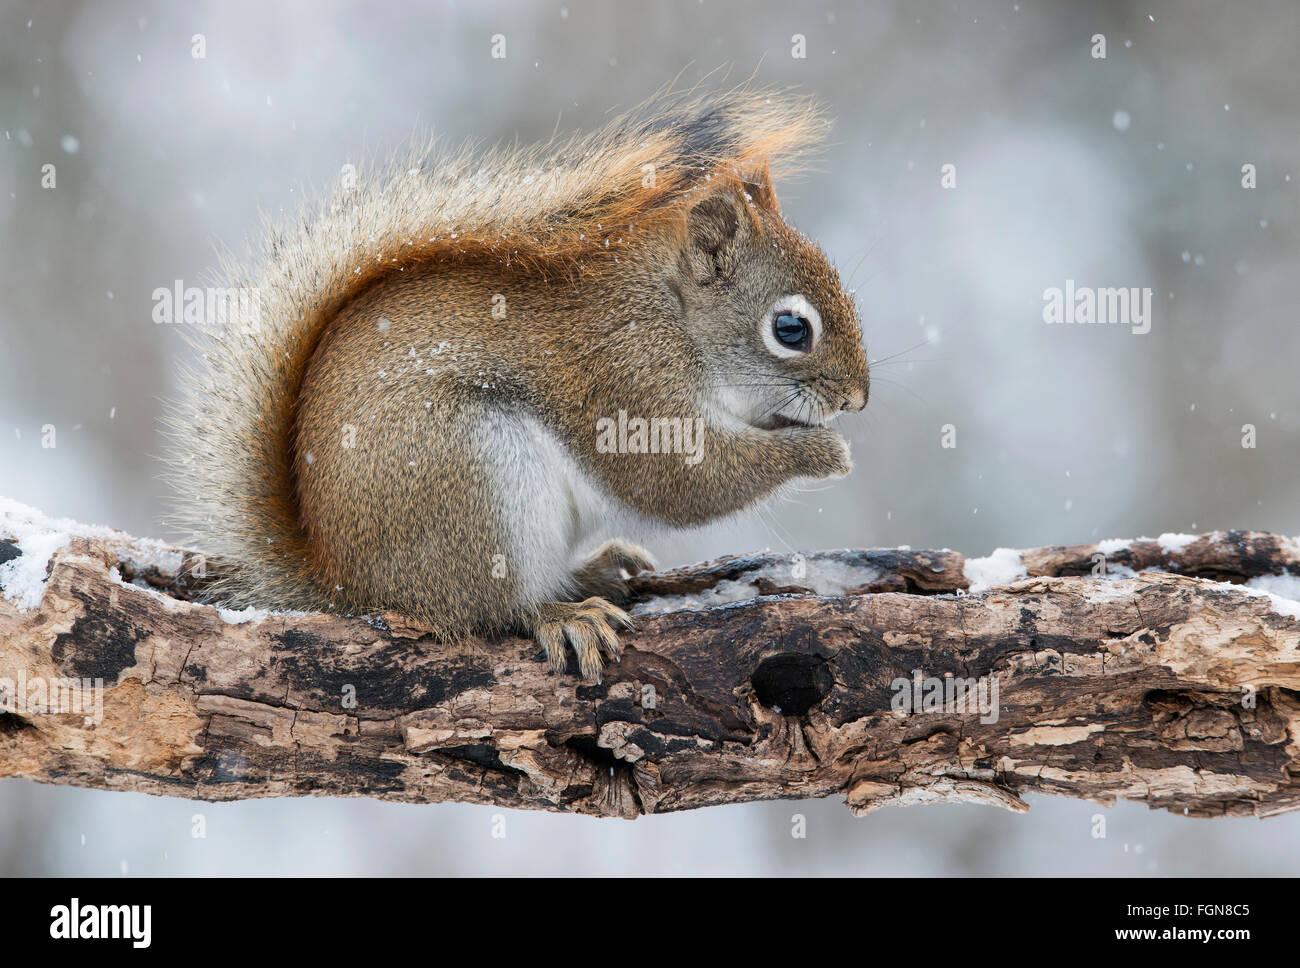 L'Est de l'Écureuil rouge de manger un gland (Tamiasciurus hudsonicus) ou Sciurus, hiver, E Amérique Photo Stock